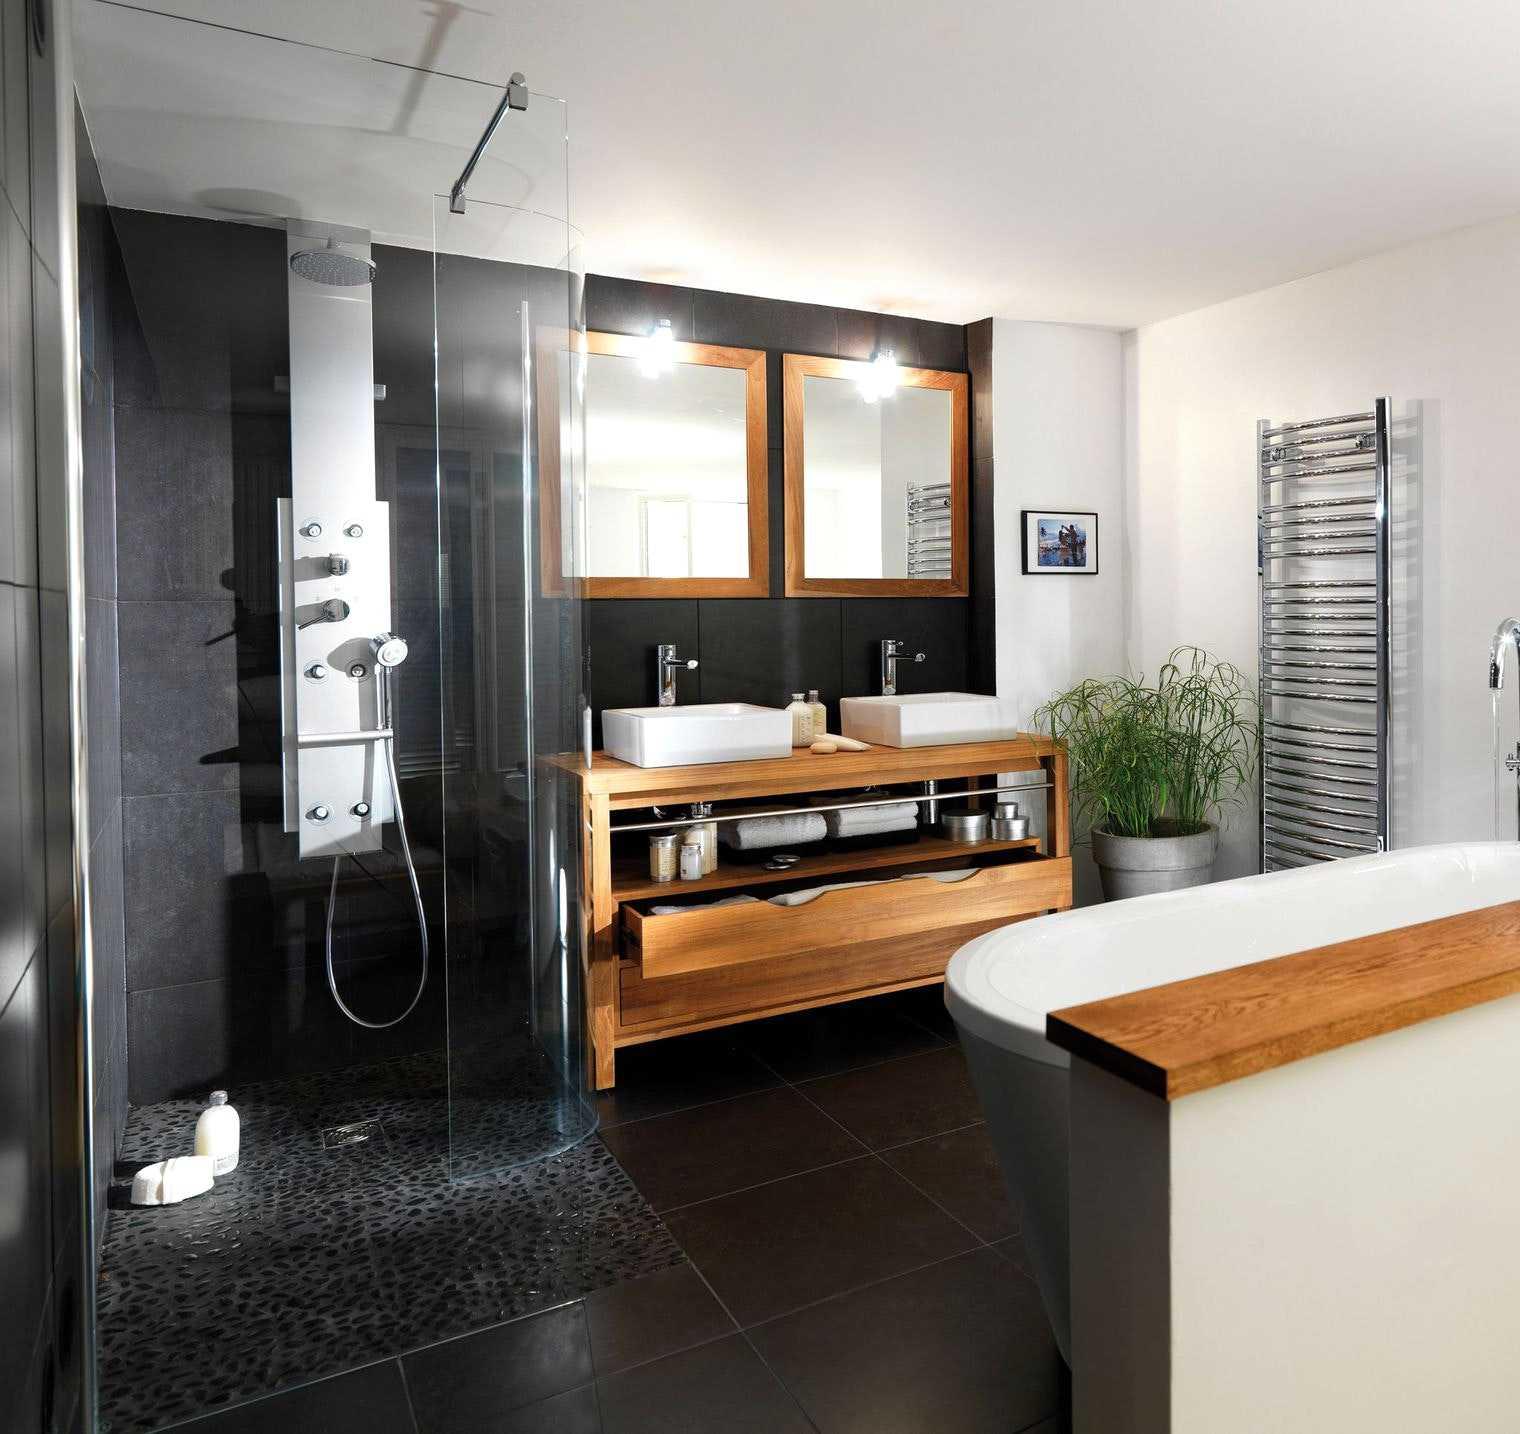 Awesome Salle De Bain Noir Et Bois Ideas - House Design ...